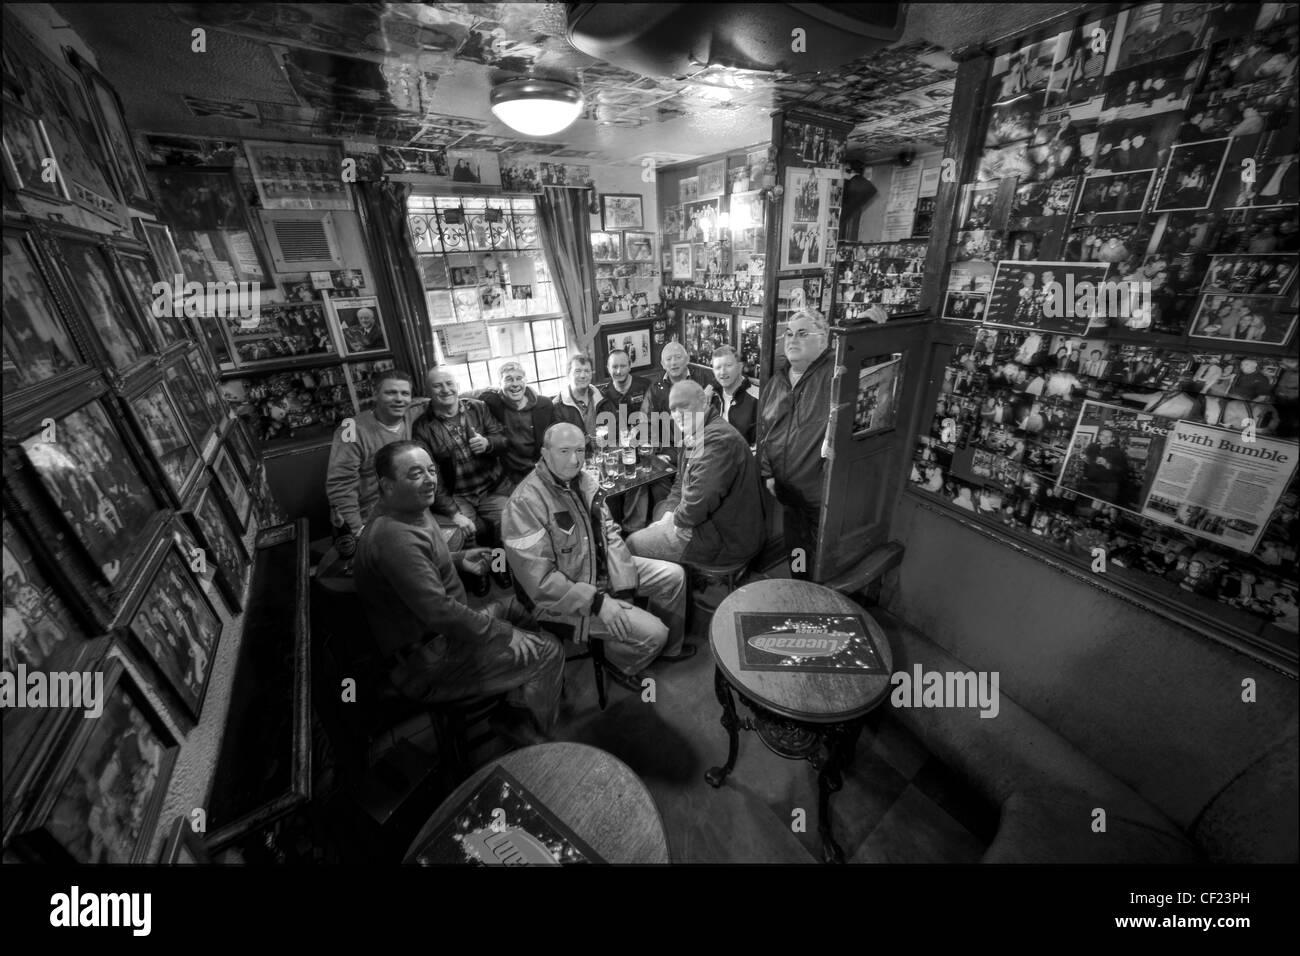 Laden Sie dieses Alamy Stockfoto Zirkus Tavern, Manchester, Vereinigtes Königreich. Die kleinste Kneipe in der Stadt. - CF23PH